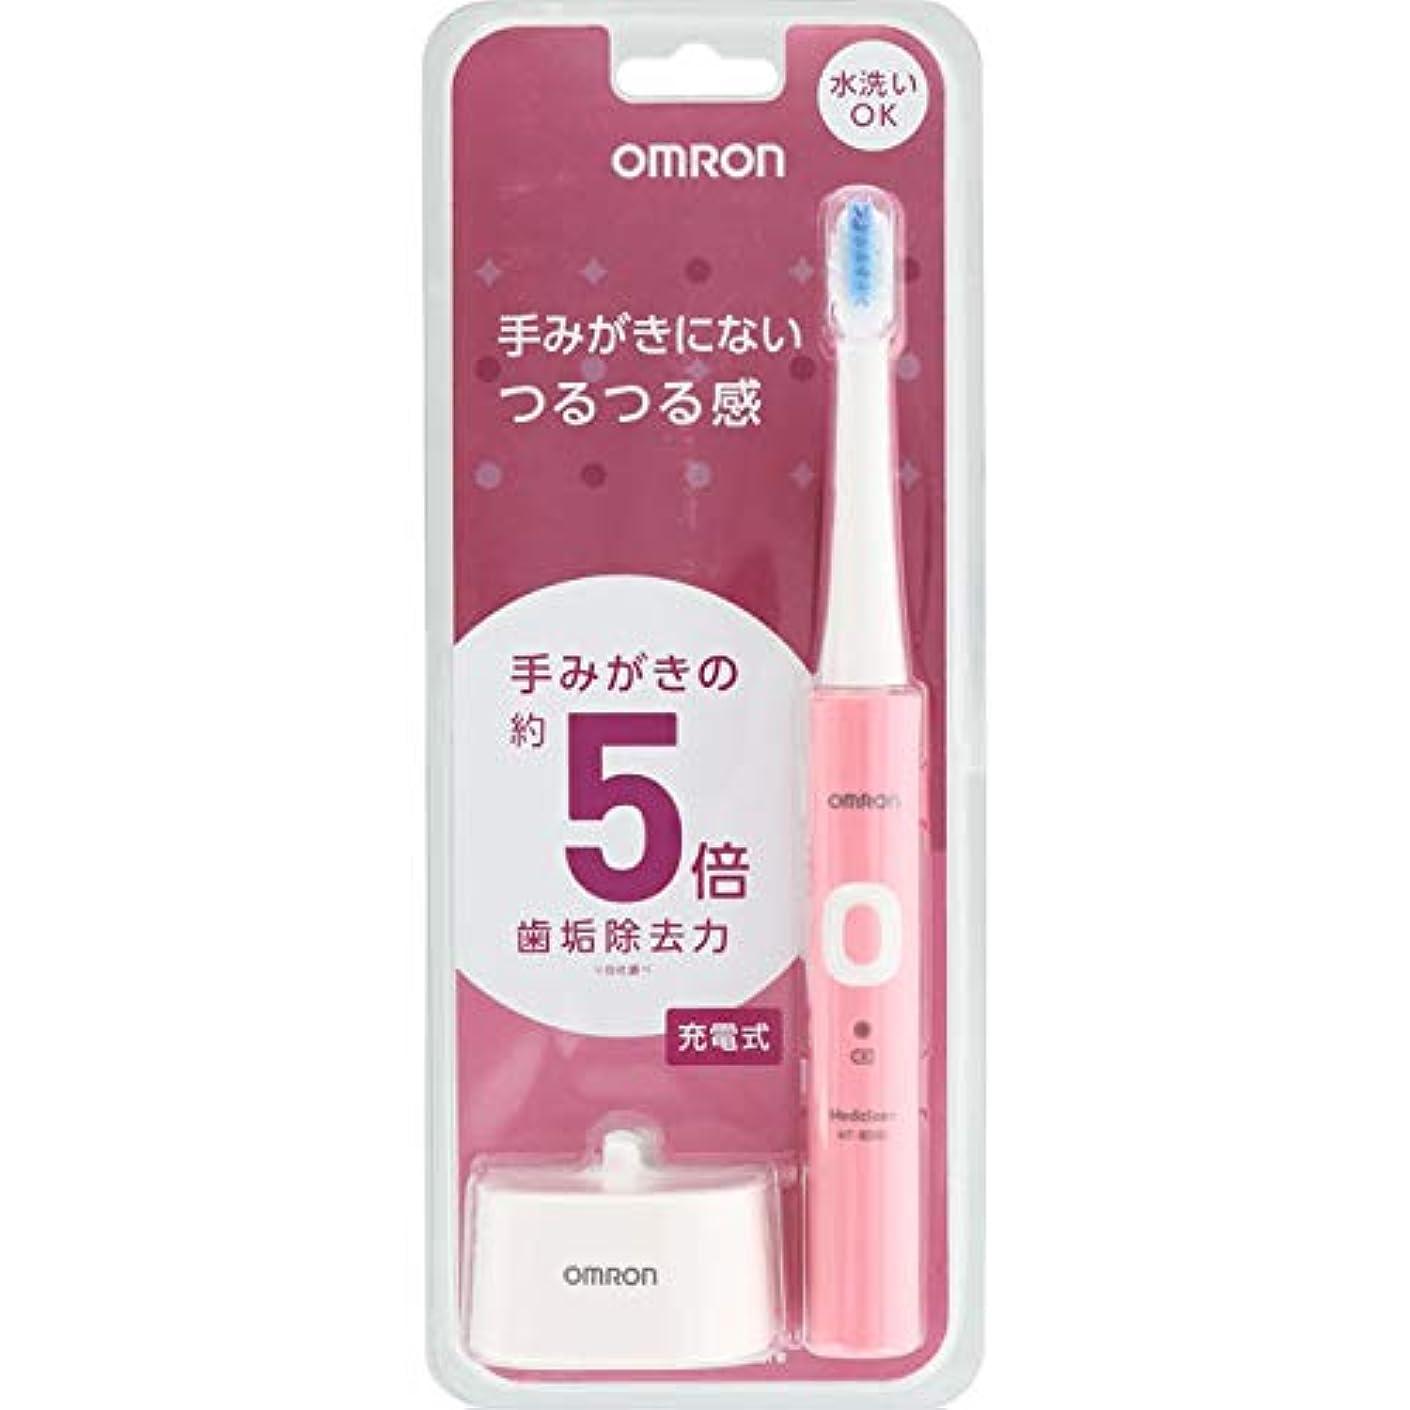 抑制するサイバースペース苗【8個セット】音波式電動歯ブラシ HT-B303-PK 充電式